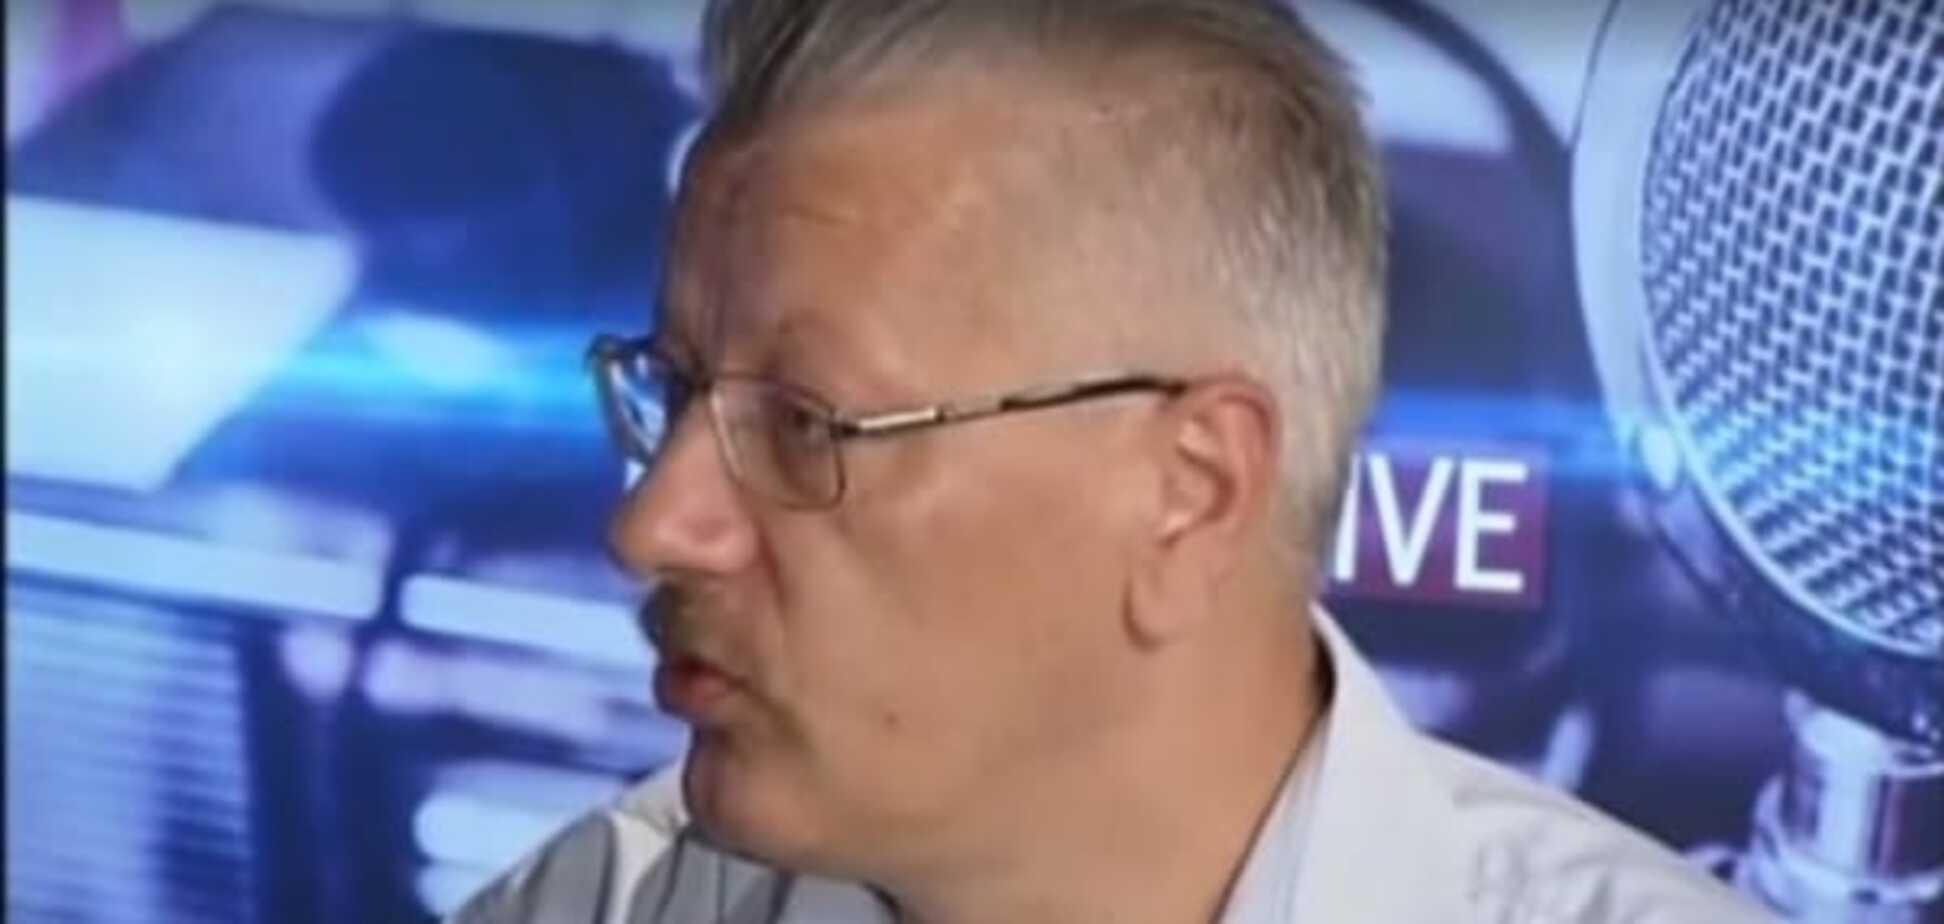 Юрист развенчал мифы о продаже земли: отмена моратория не приведет к порабощению украинцев иностранцами